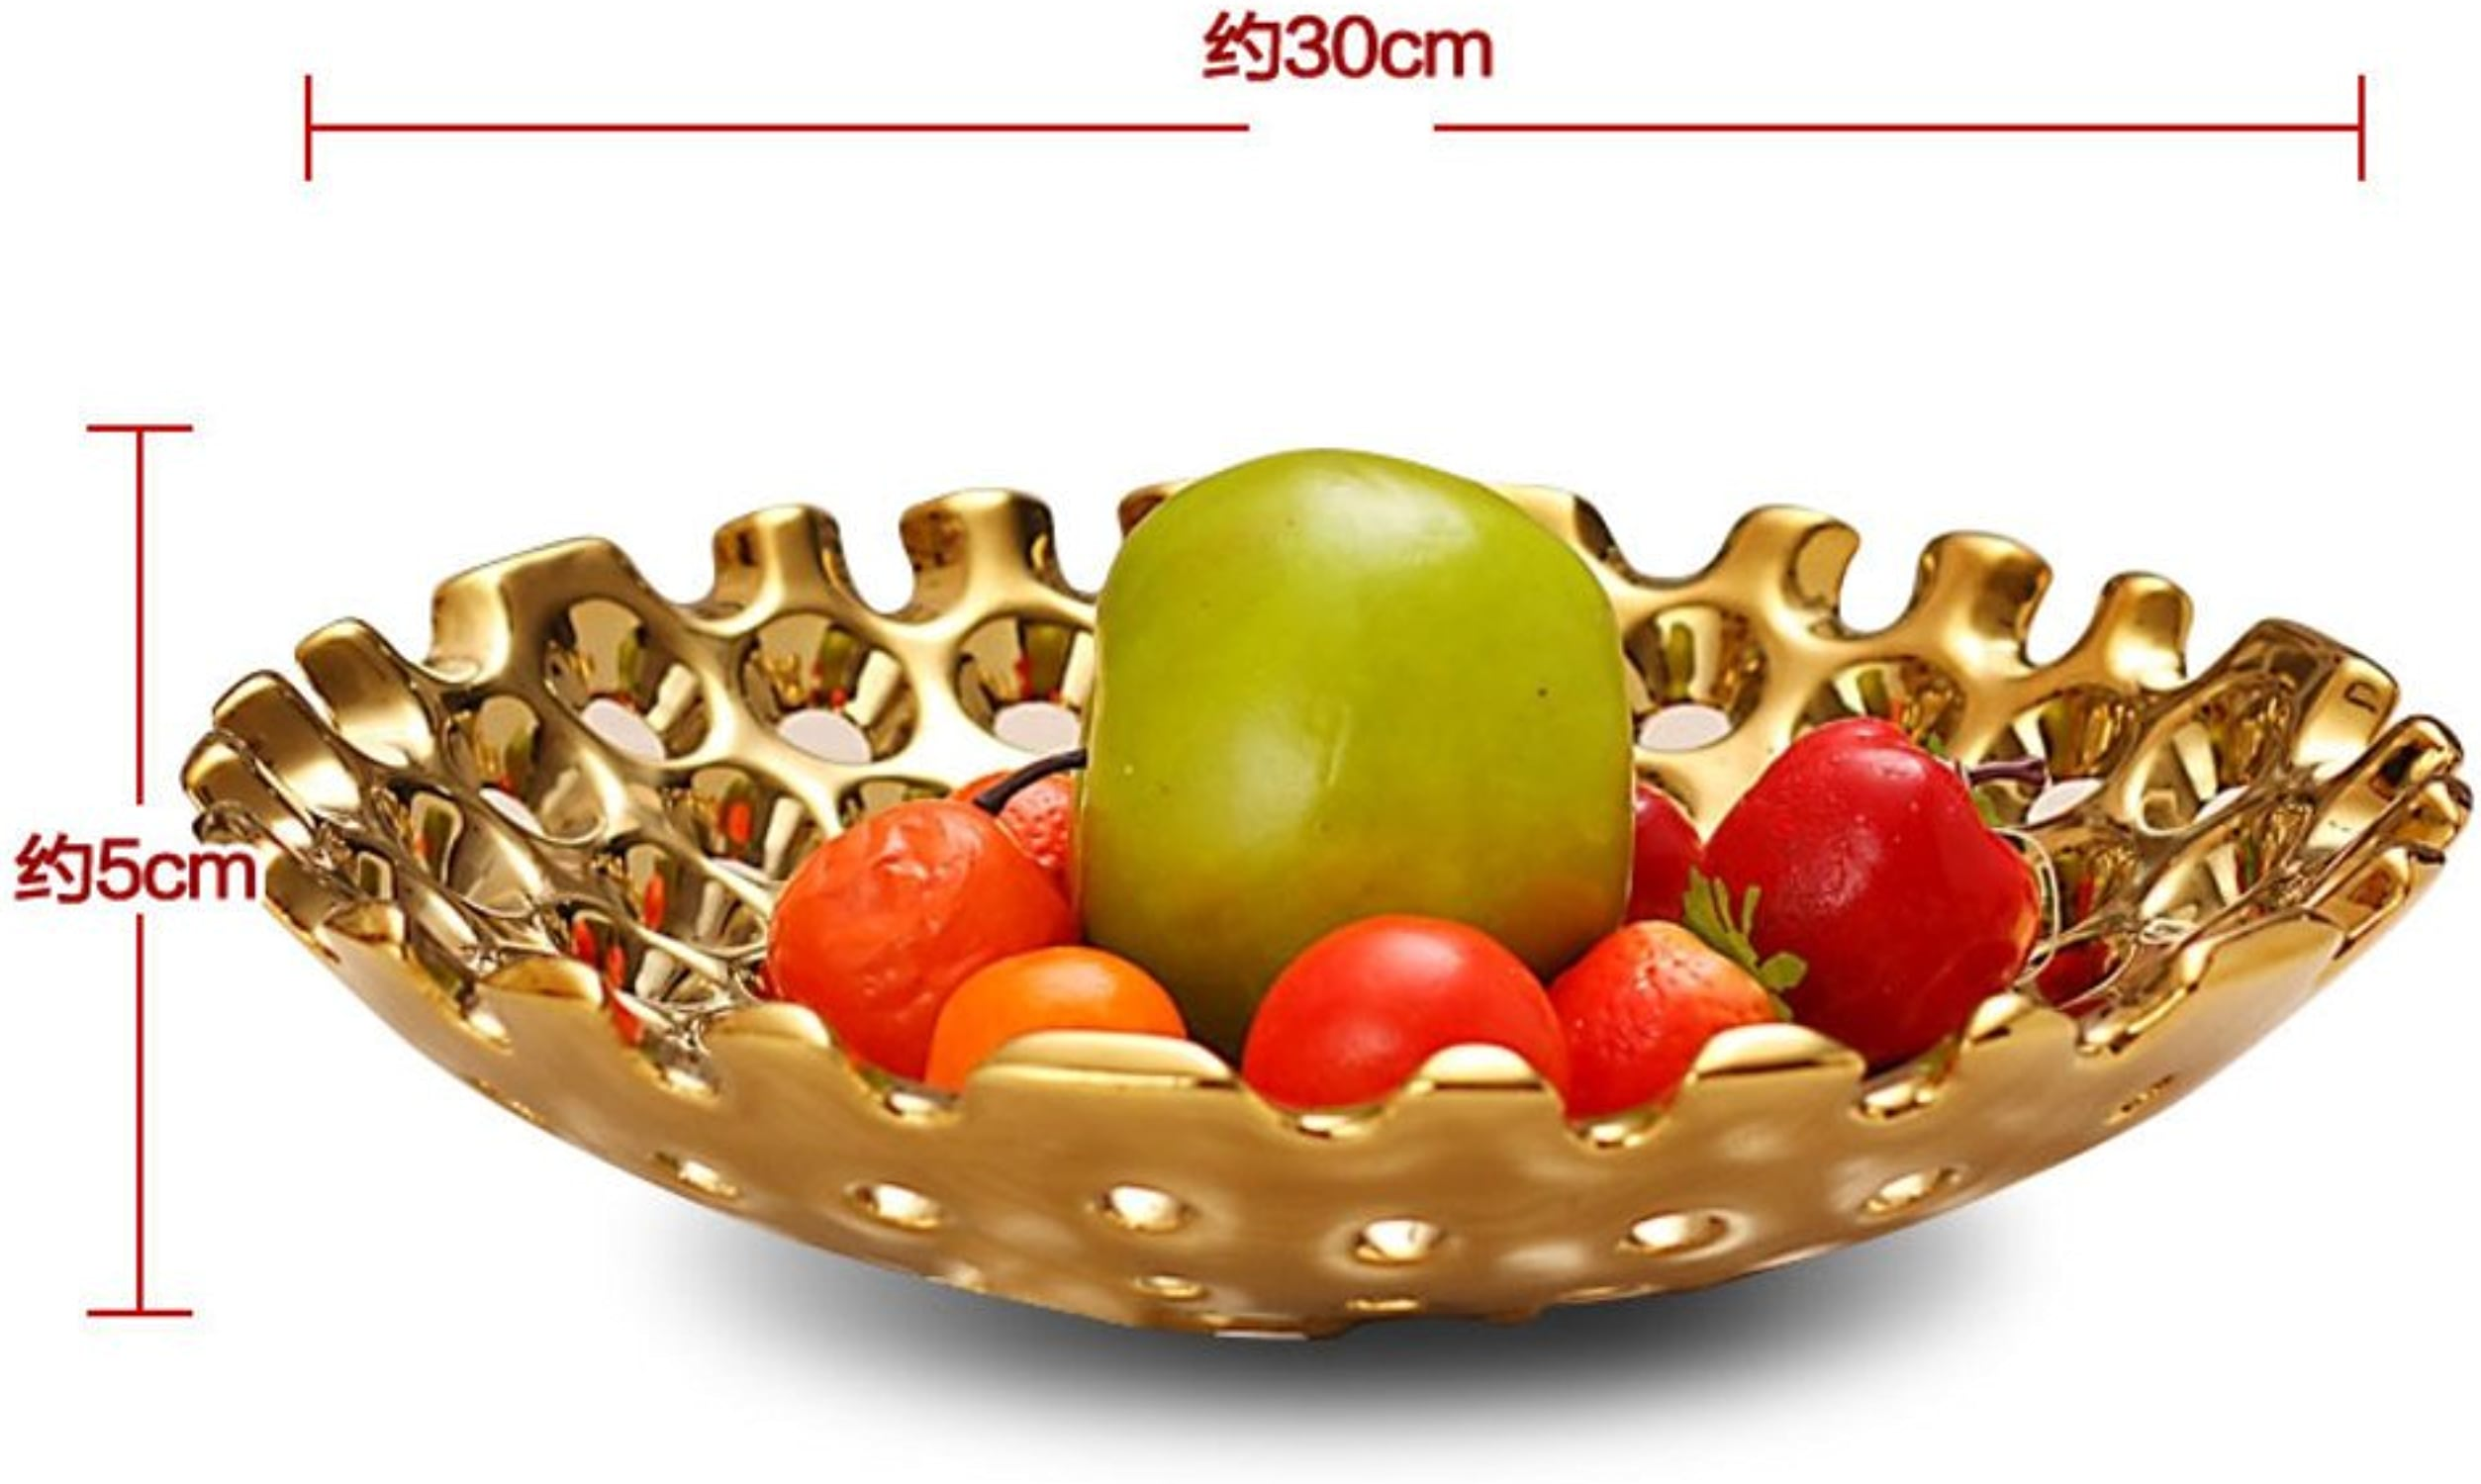 JYXJJKK Plateau de Fruit,Assiette de Fruits séchée Snack Plaque-d'or